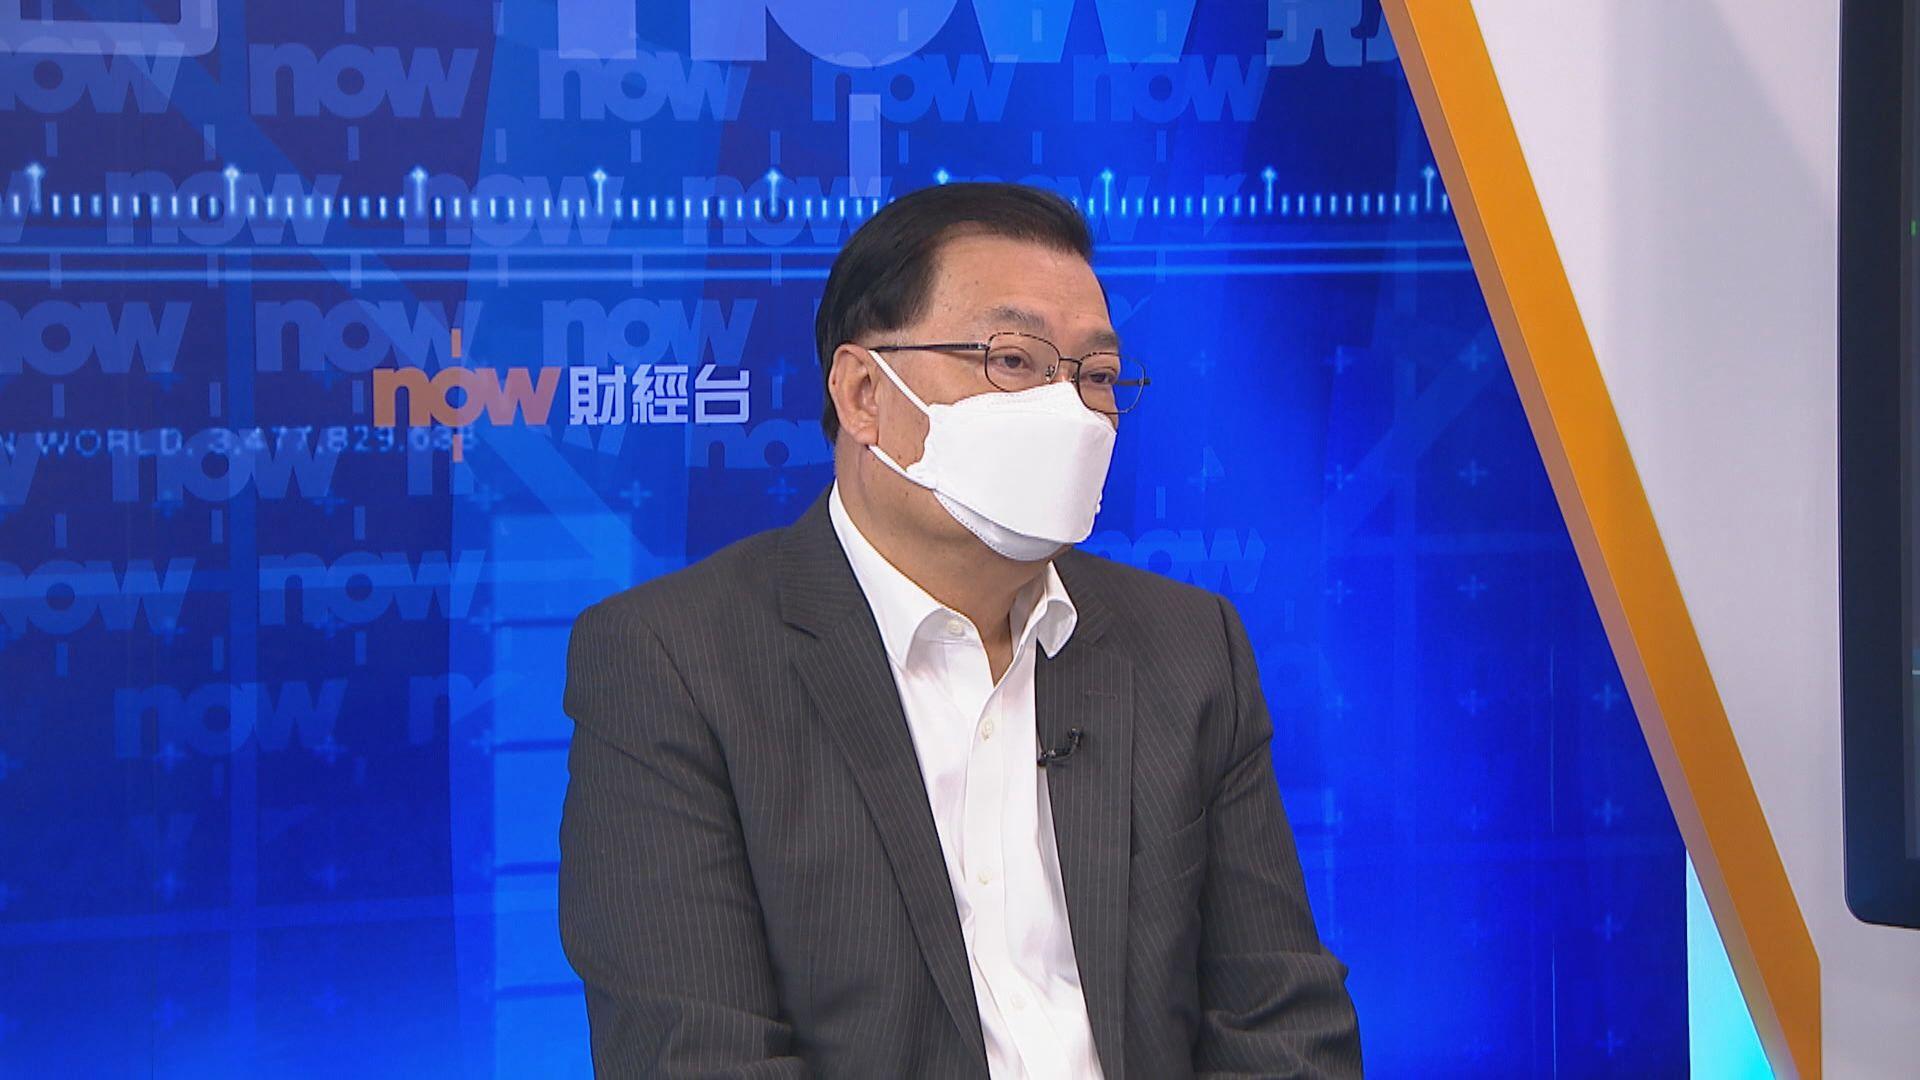 譚耀宗:民主派若全面拒入看守立法會 會失大量資源